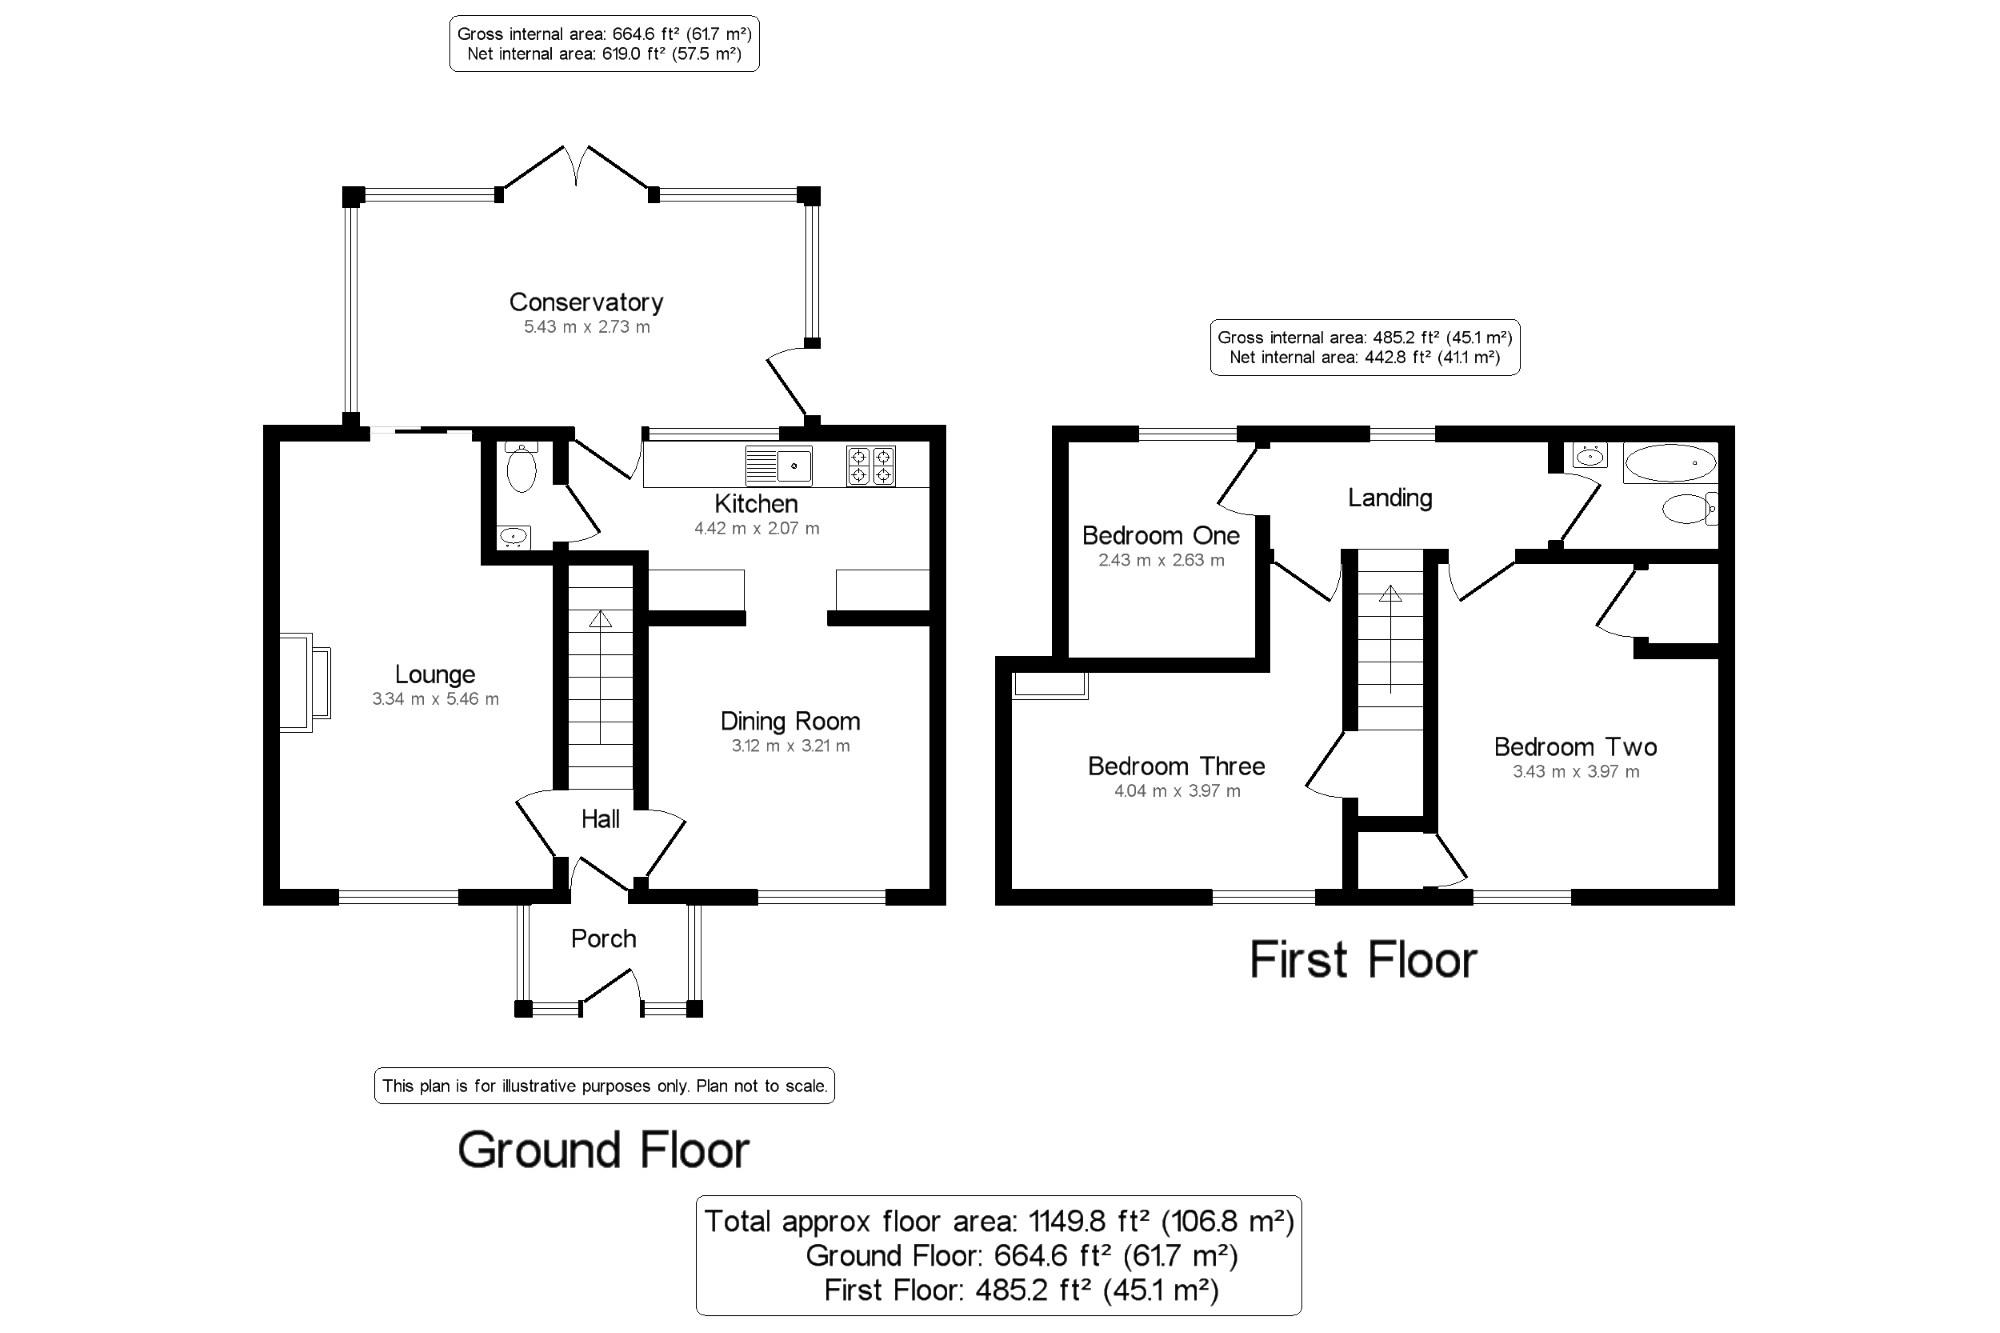 gross internal floor area and net internal floor area